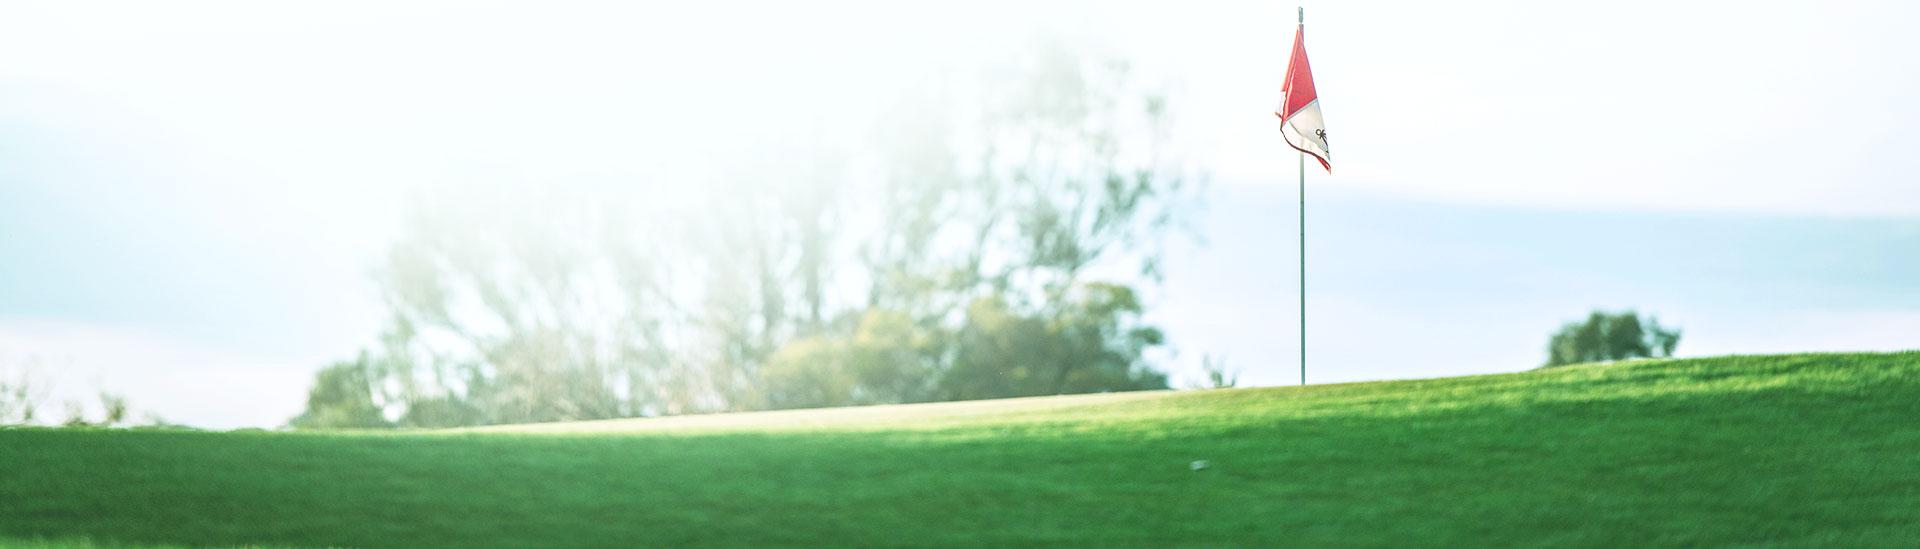 golf_course_49